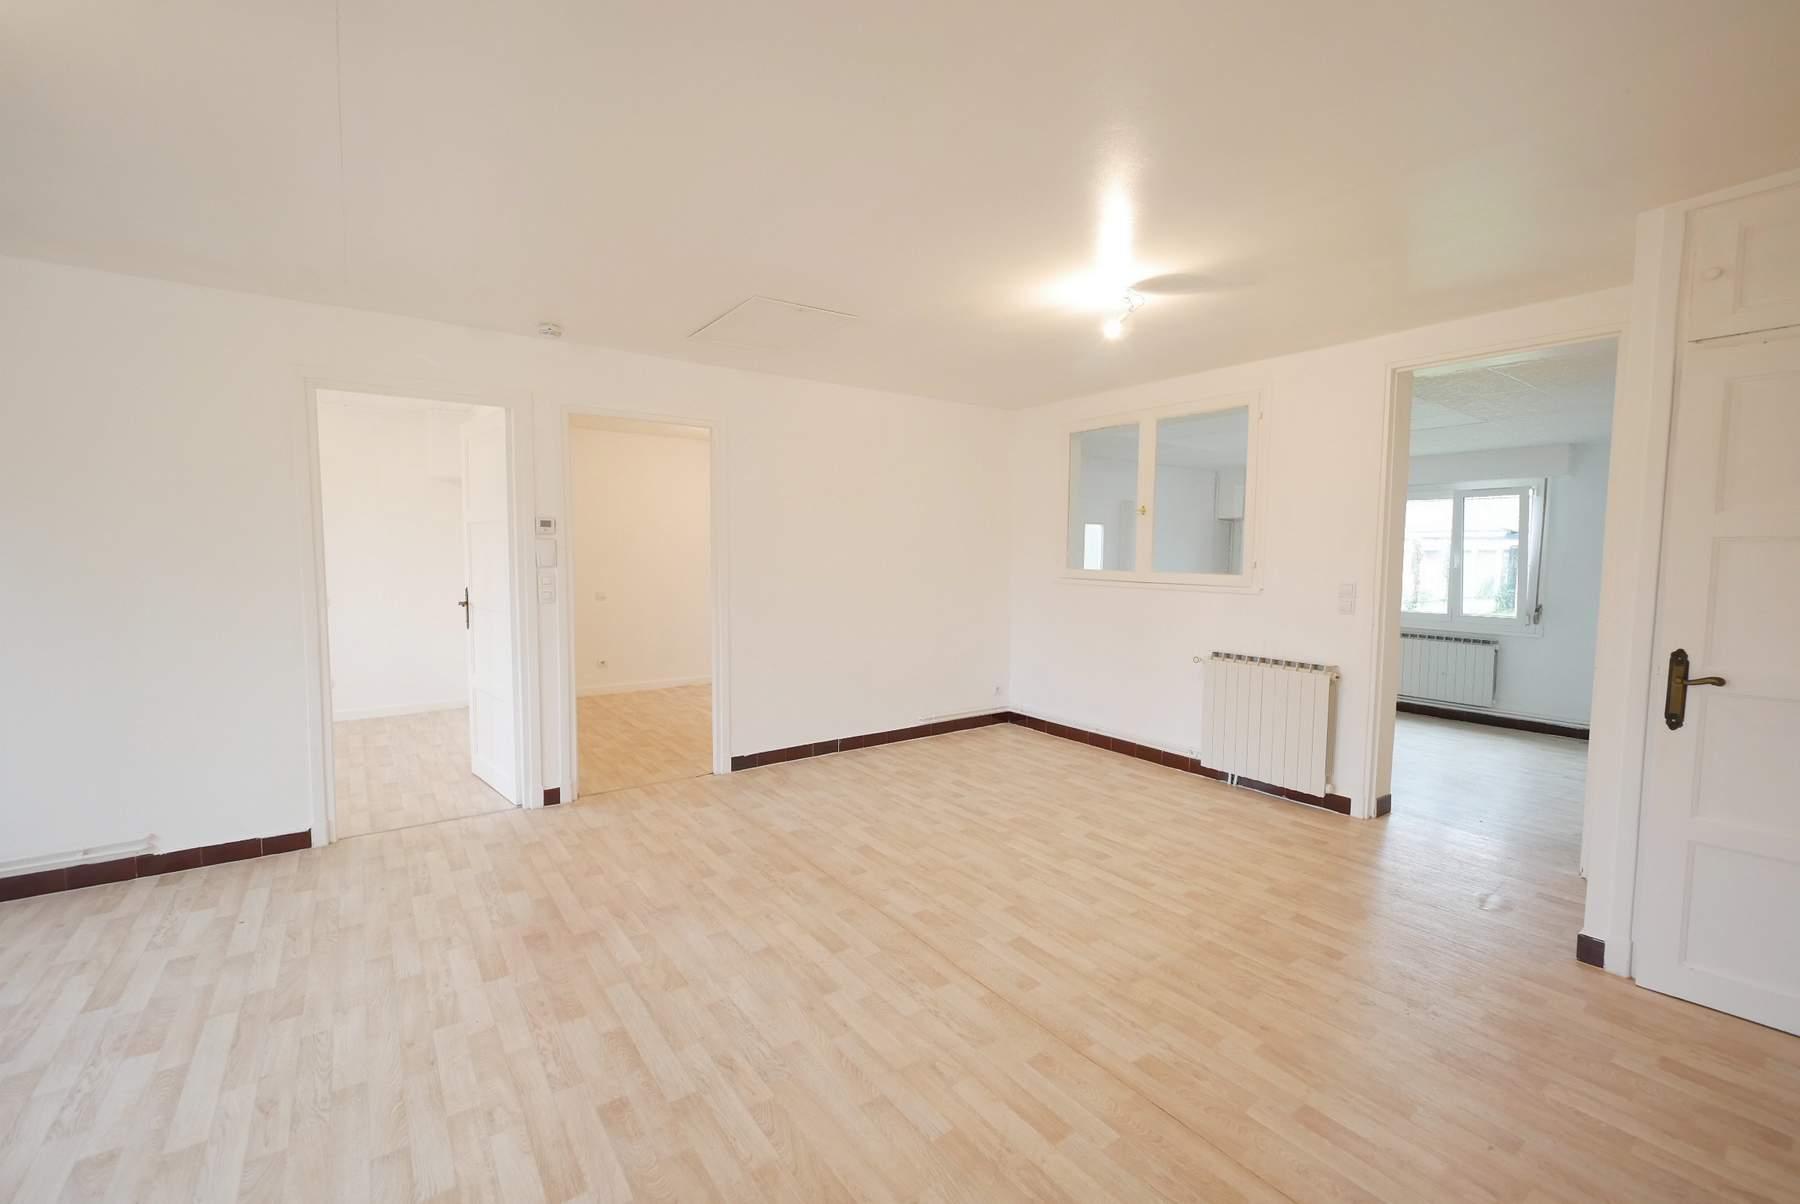 Maison de plain-pied sur 376 m² secteur Douai